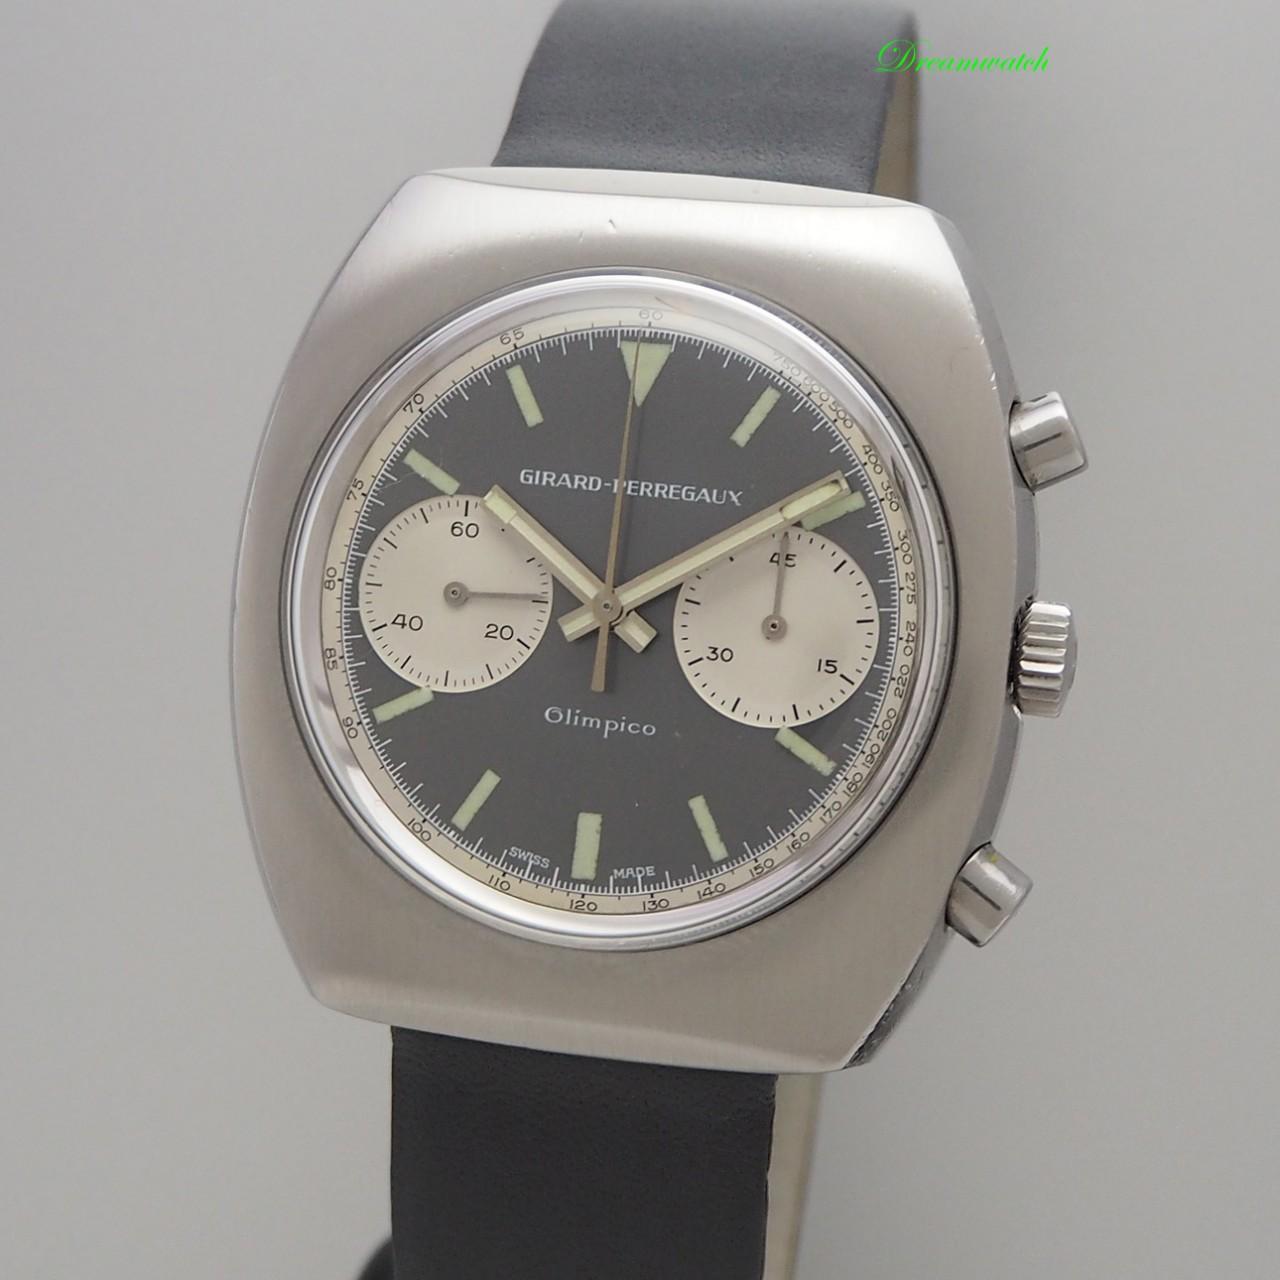 Girard Perregaux Olimpico Chronograph Vintage -Valjoux 236